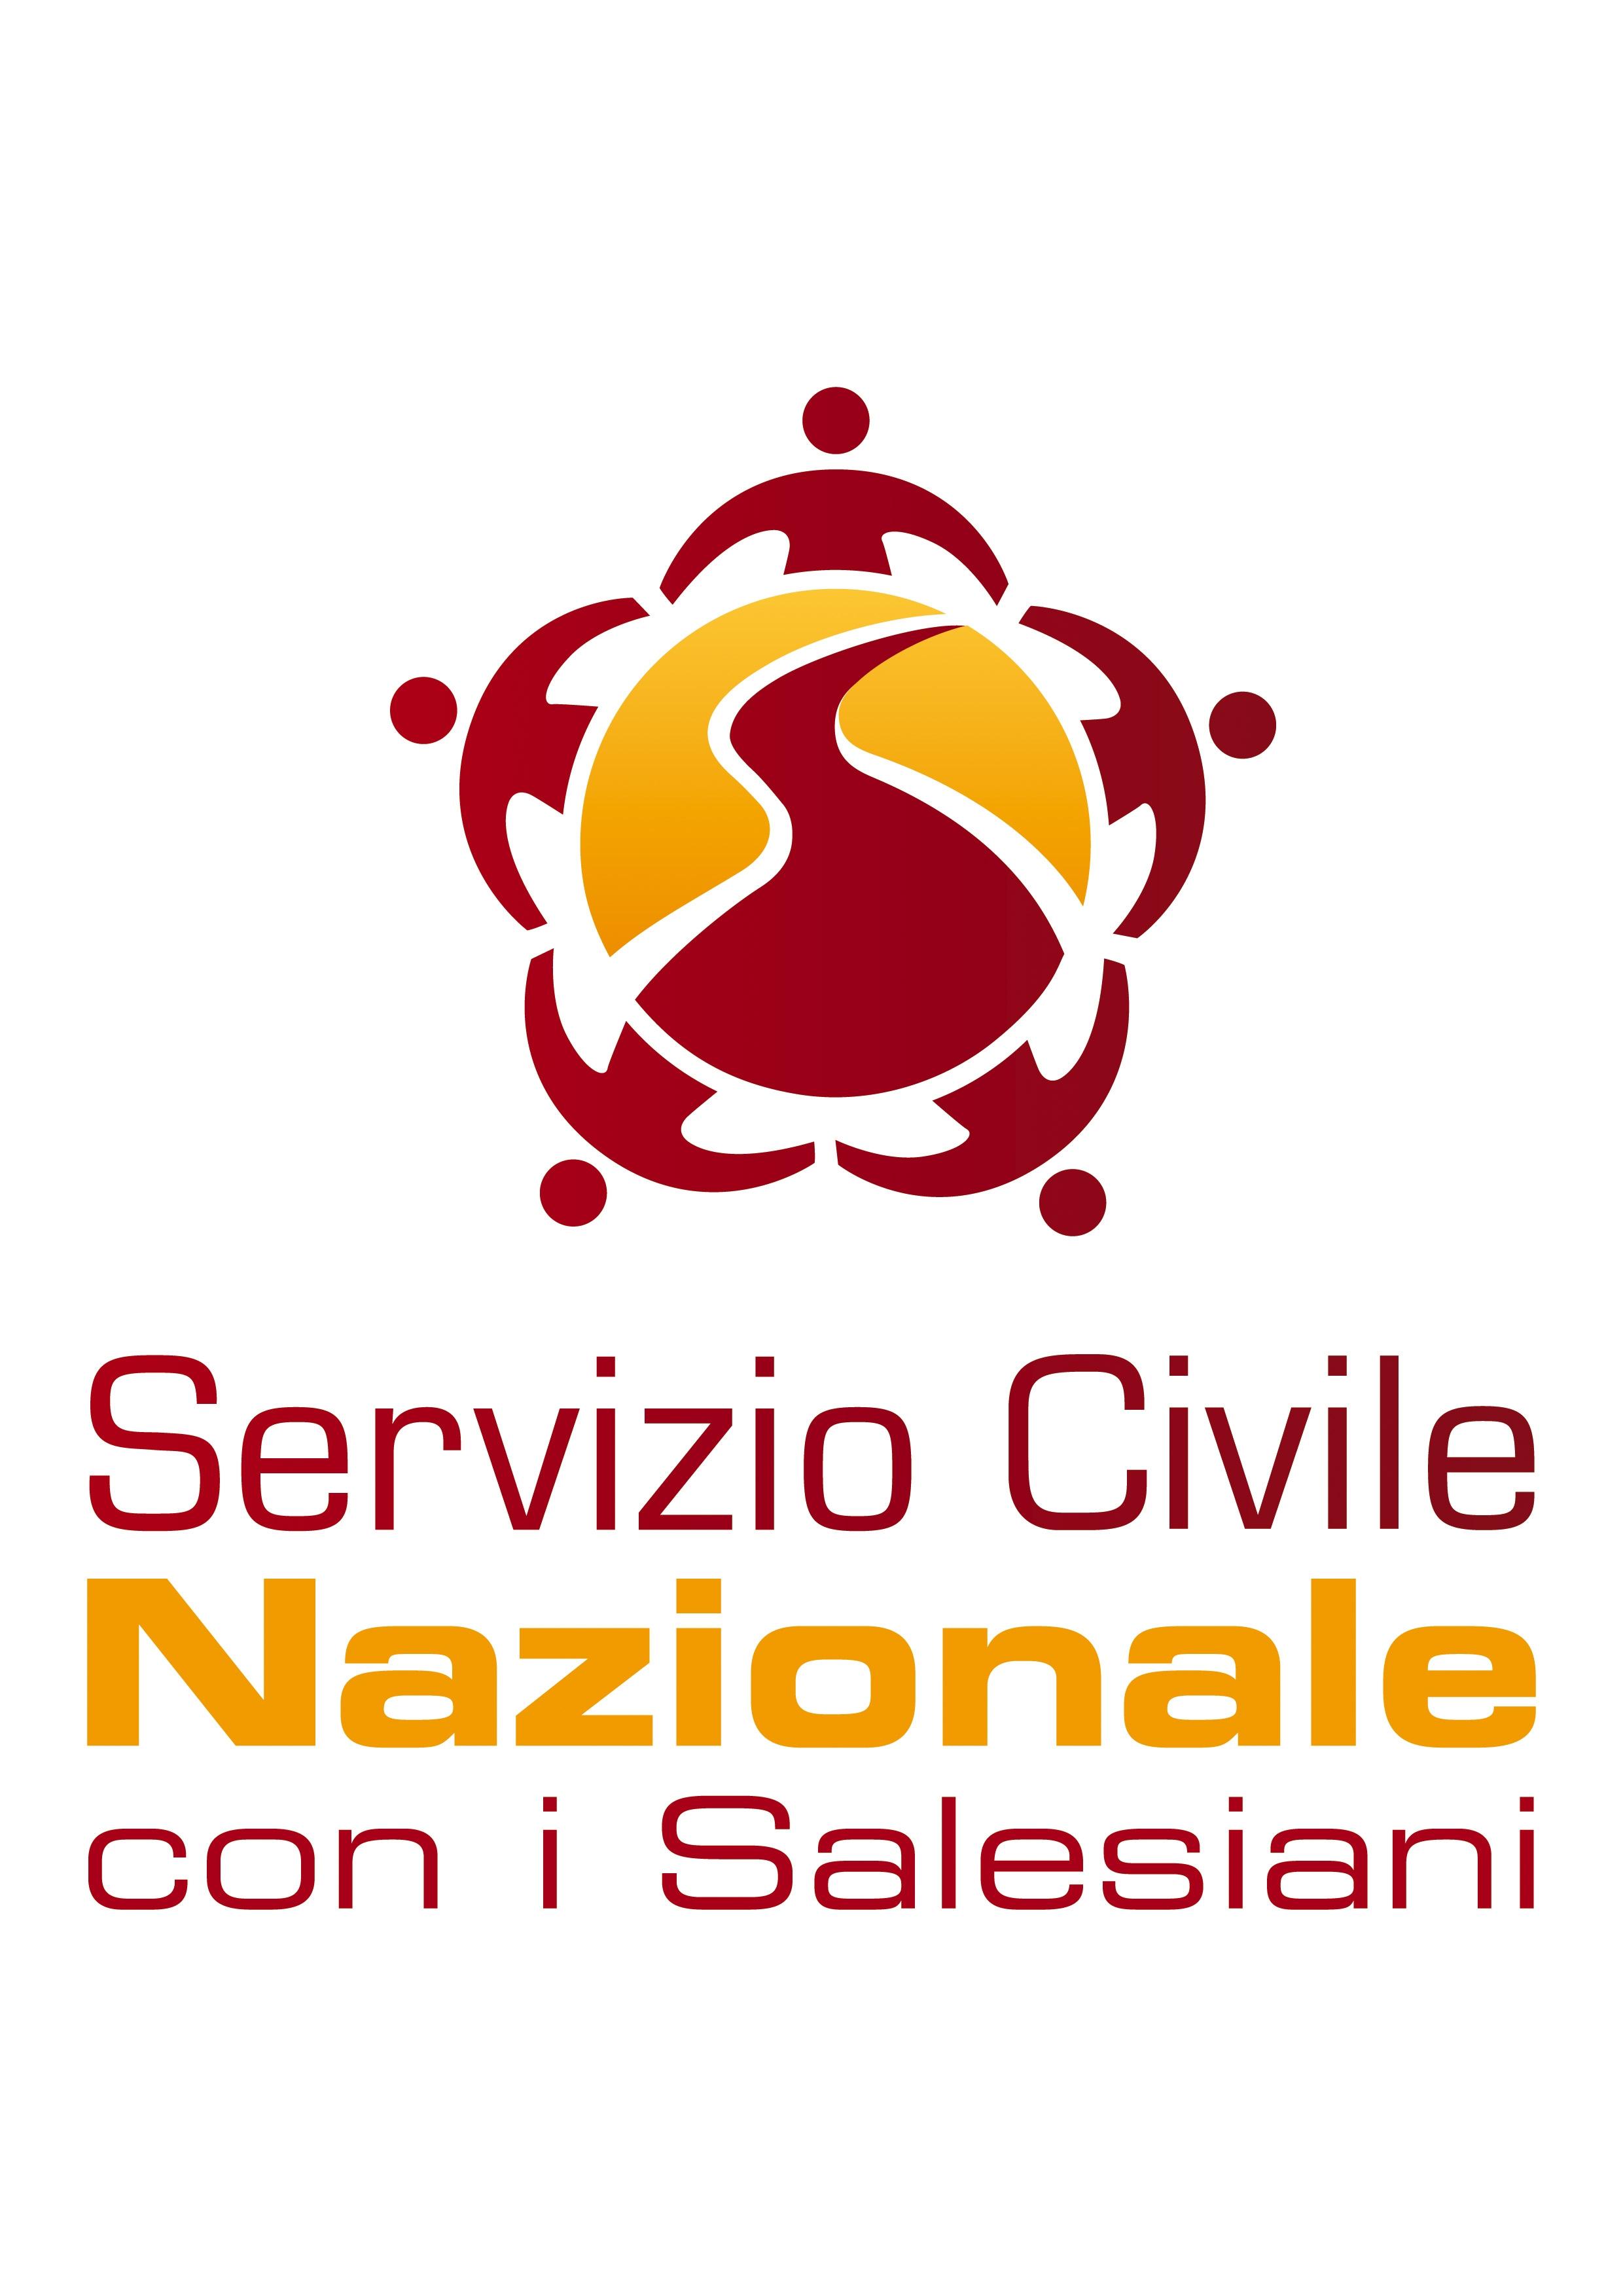 Servizio Civile coi Salesiani